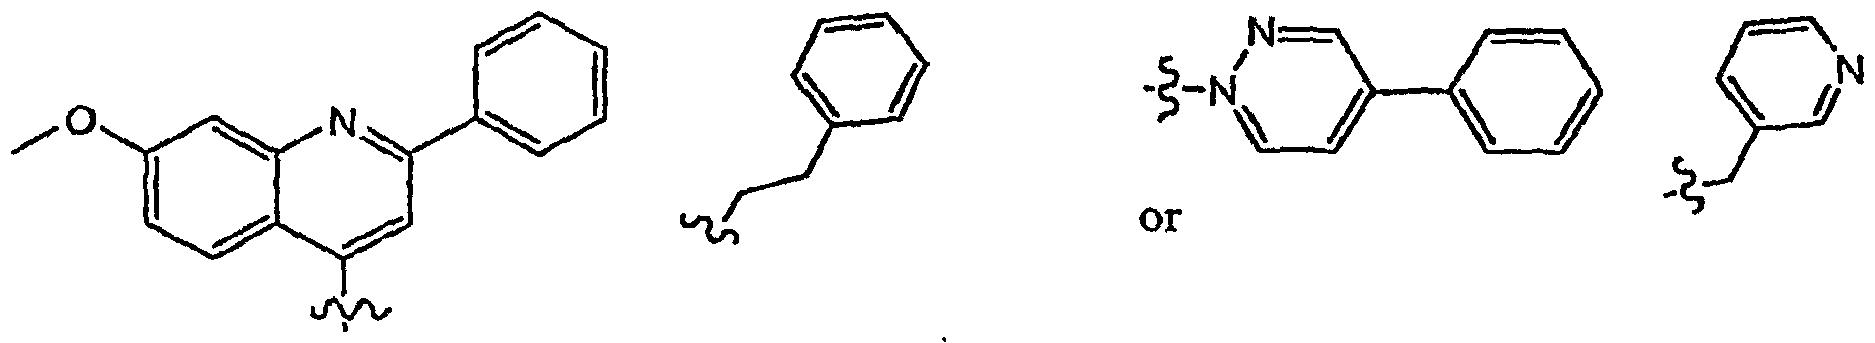 Figure imgf000090_0009